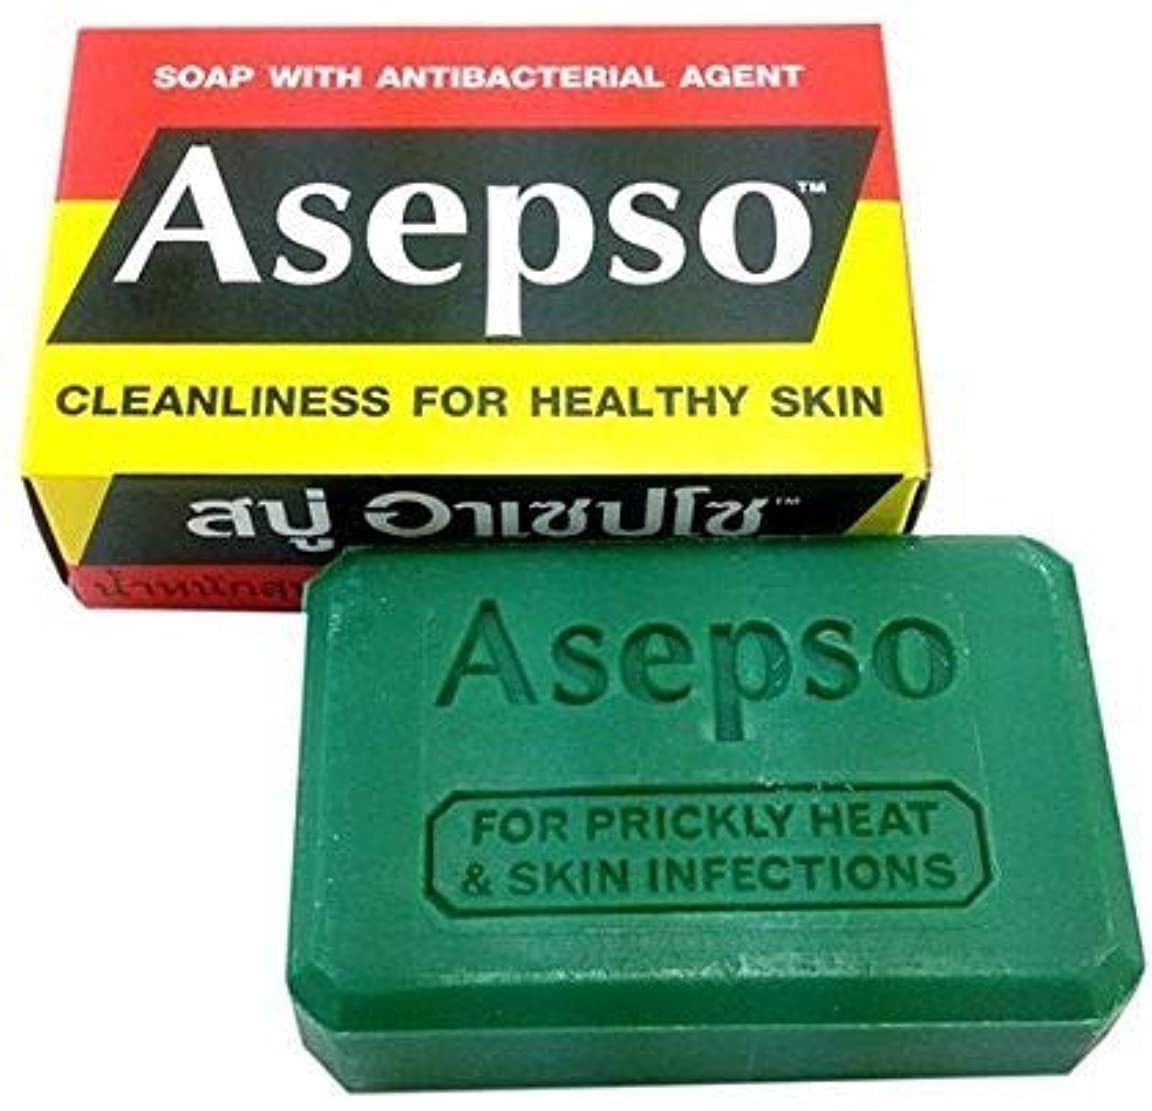 マイル真っ逆さまモードNi Yom Thai shop Asepso Soap with Antibacterial Agent 80 Grams